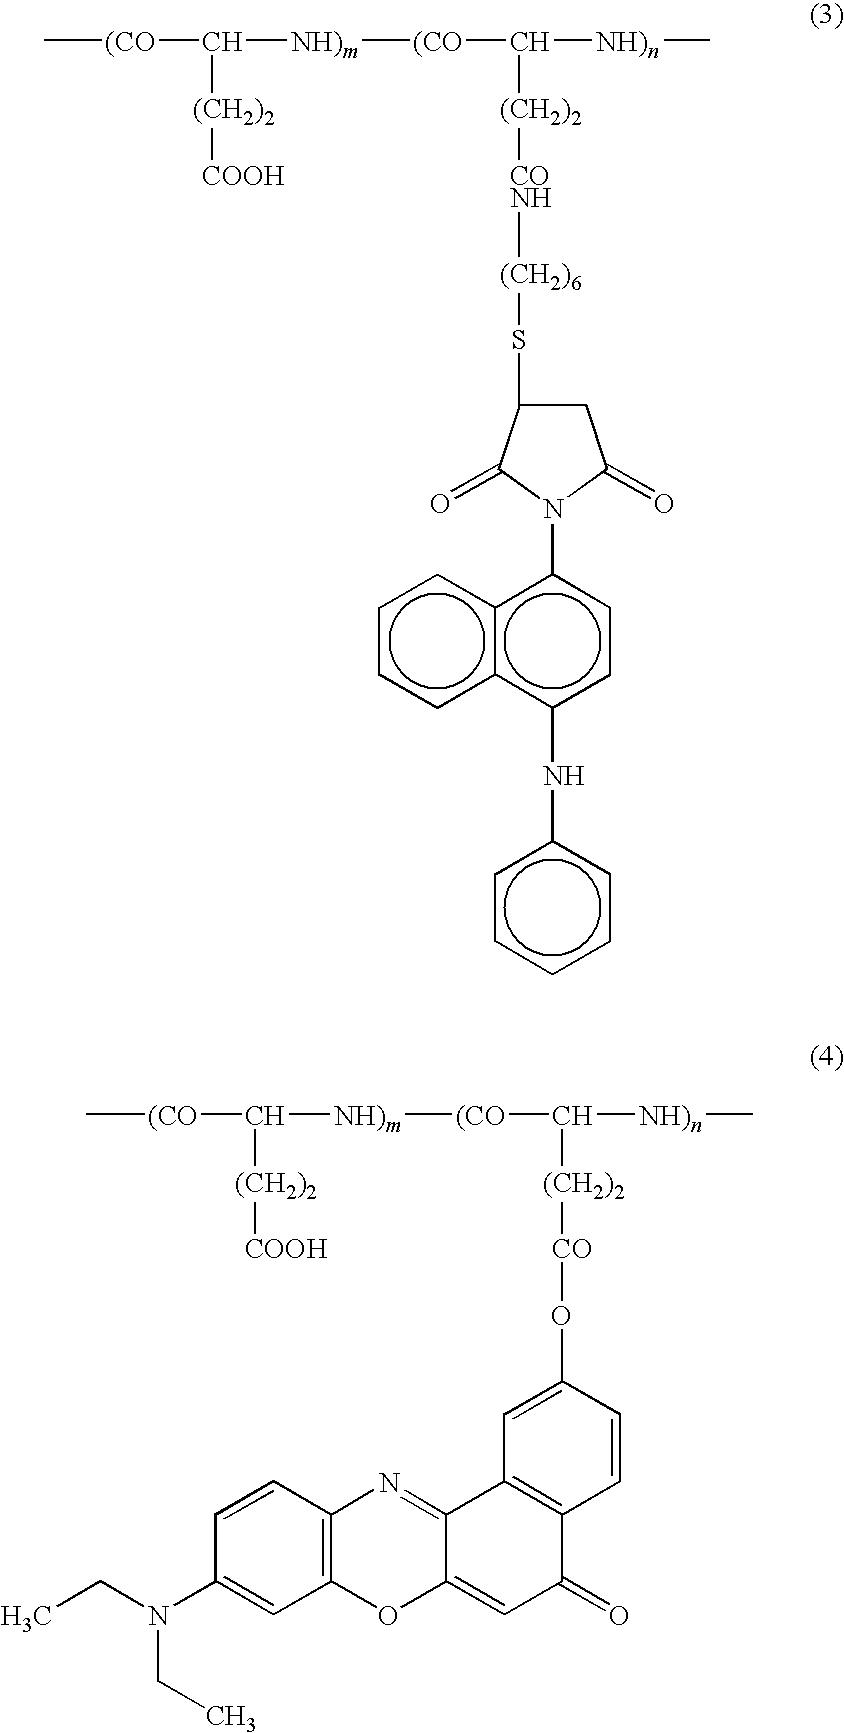 Figure US20100022759A1-20100128-C00002